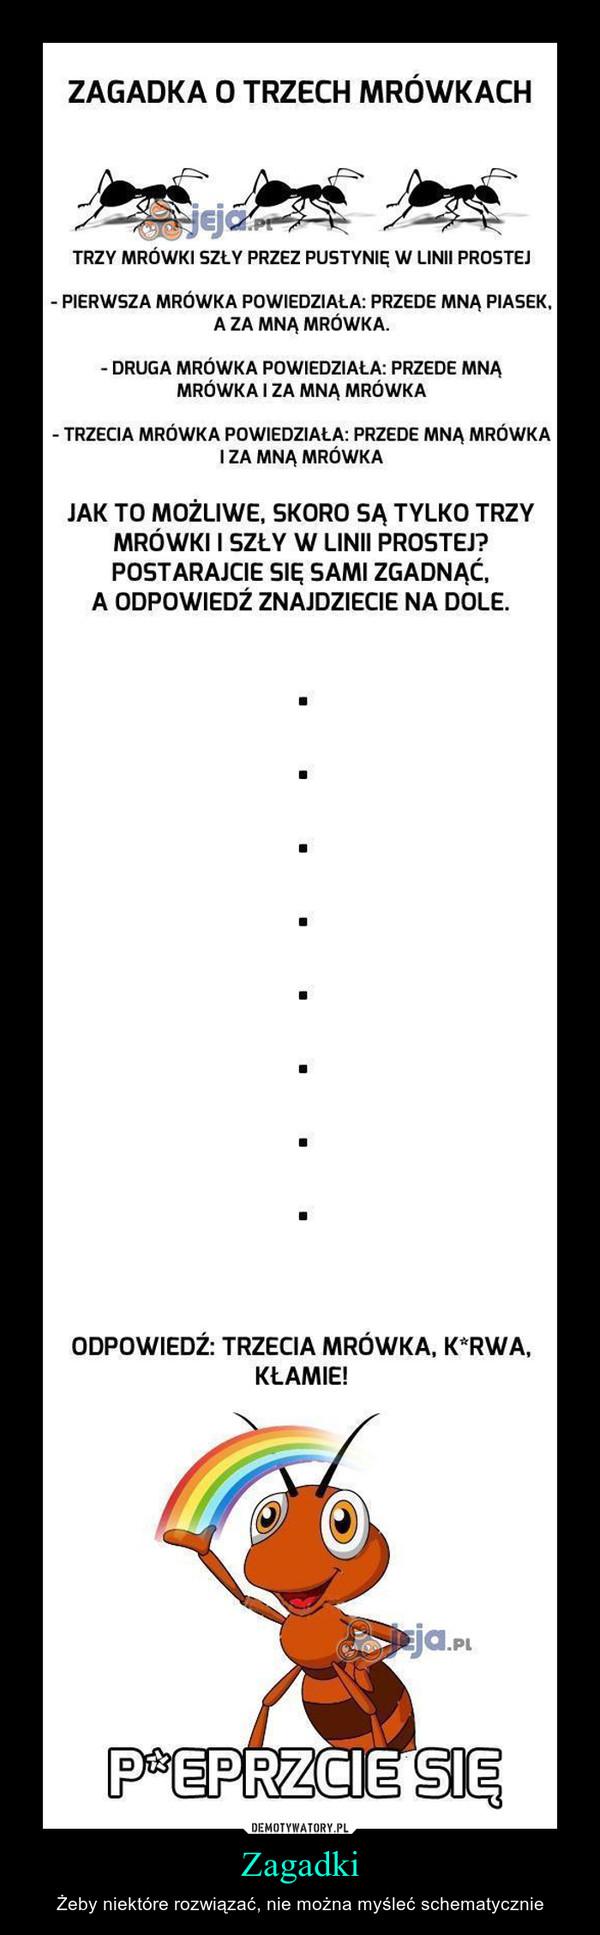 Zagadki – Żeby niektóre rozwiązać, nie można myśleć schematycznie